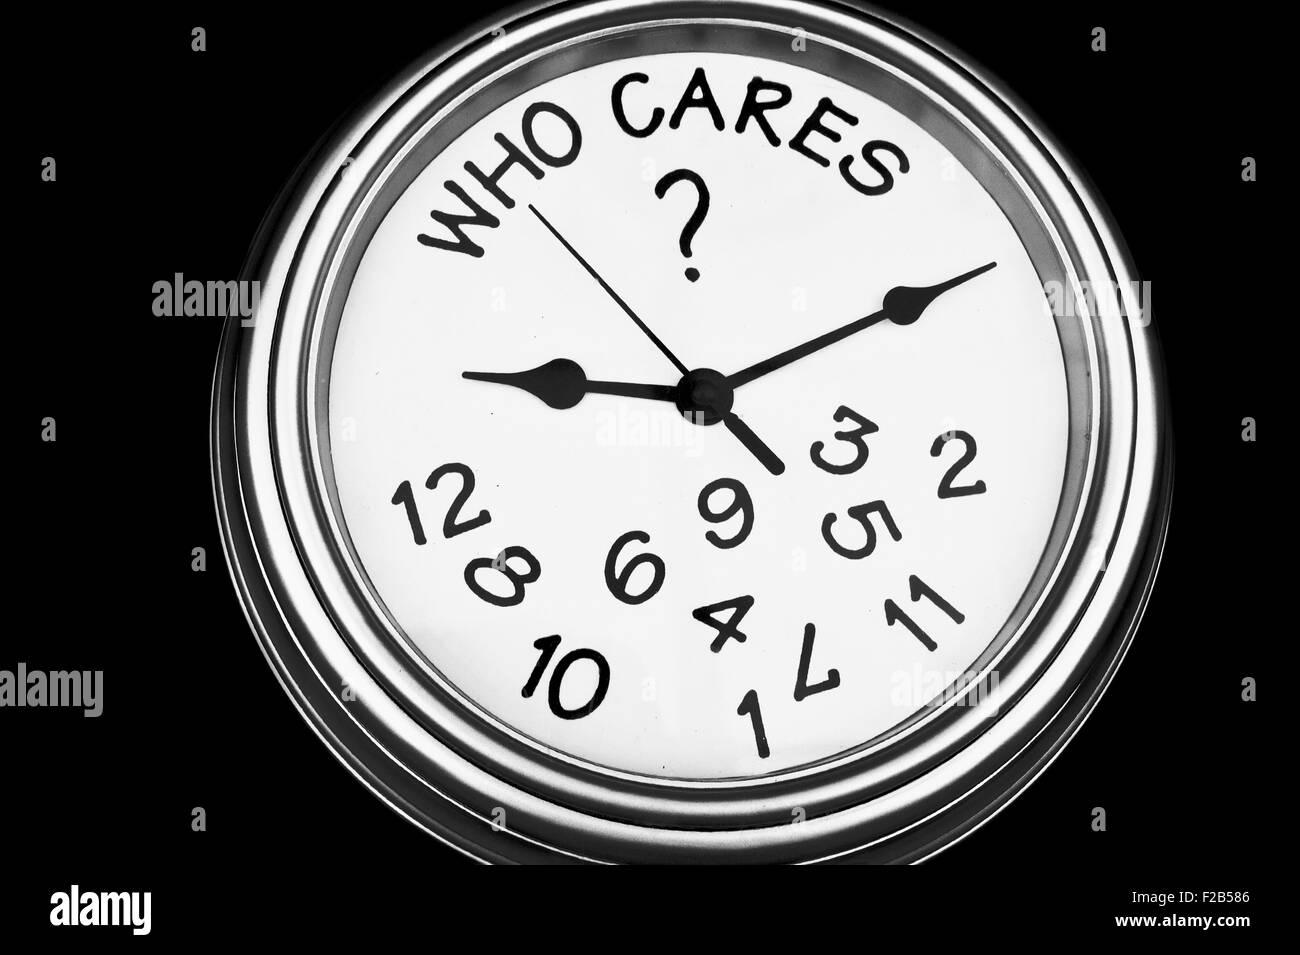 Una imagen en blanco y negro de un reloj con números caen mostrando el concepto de tiempo no importa Imagen De Stock